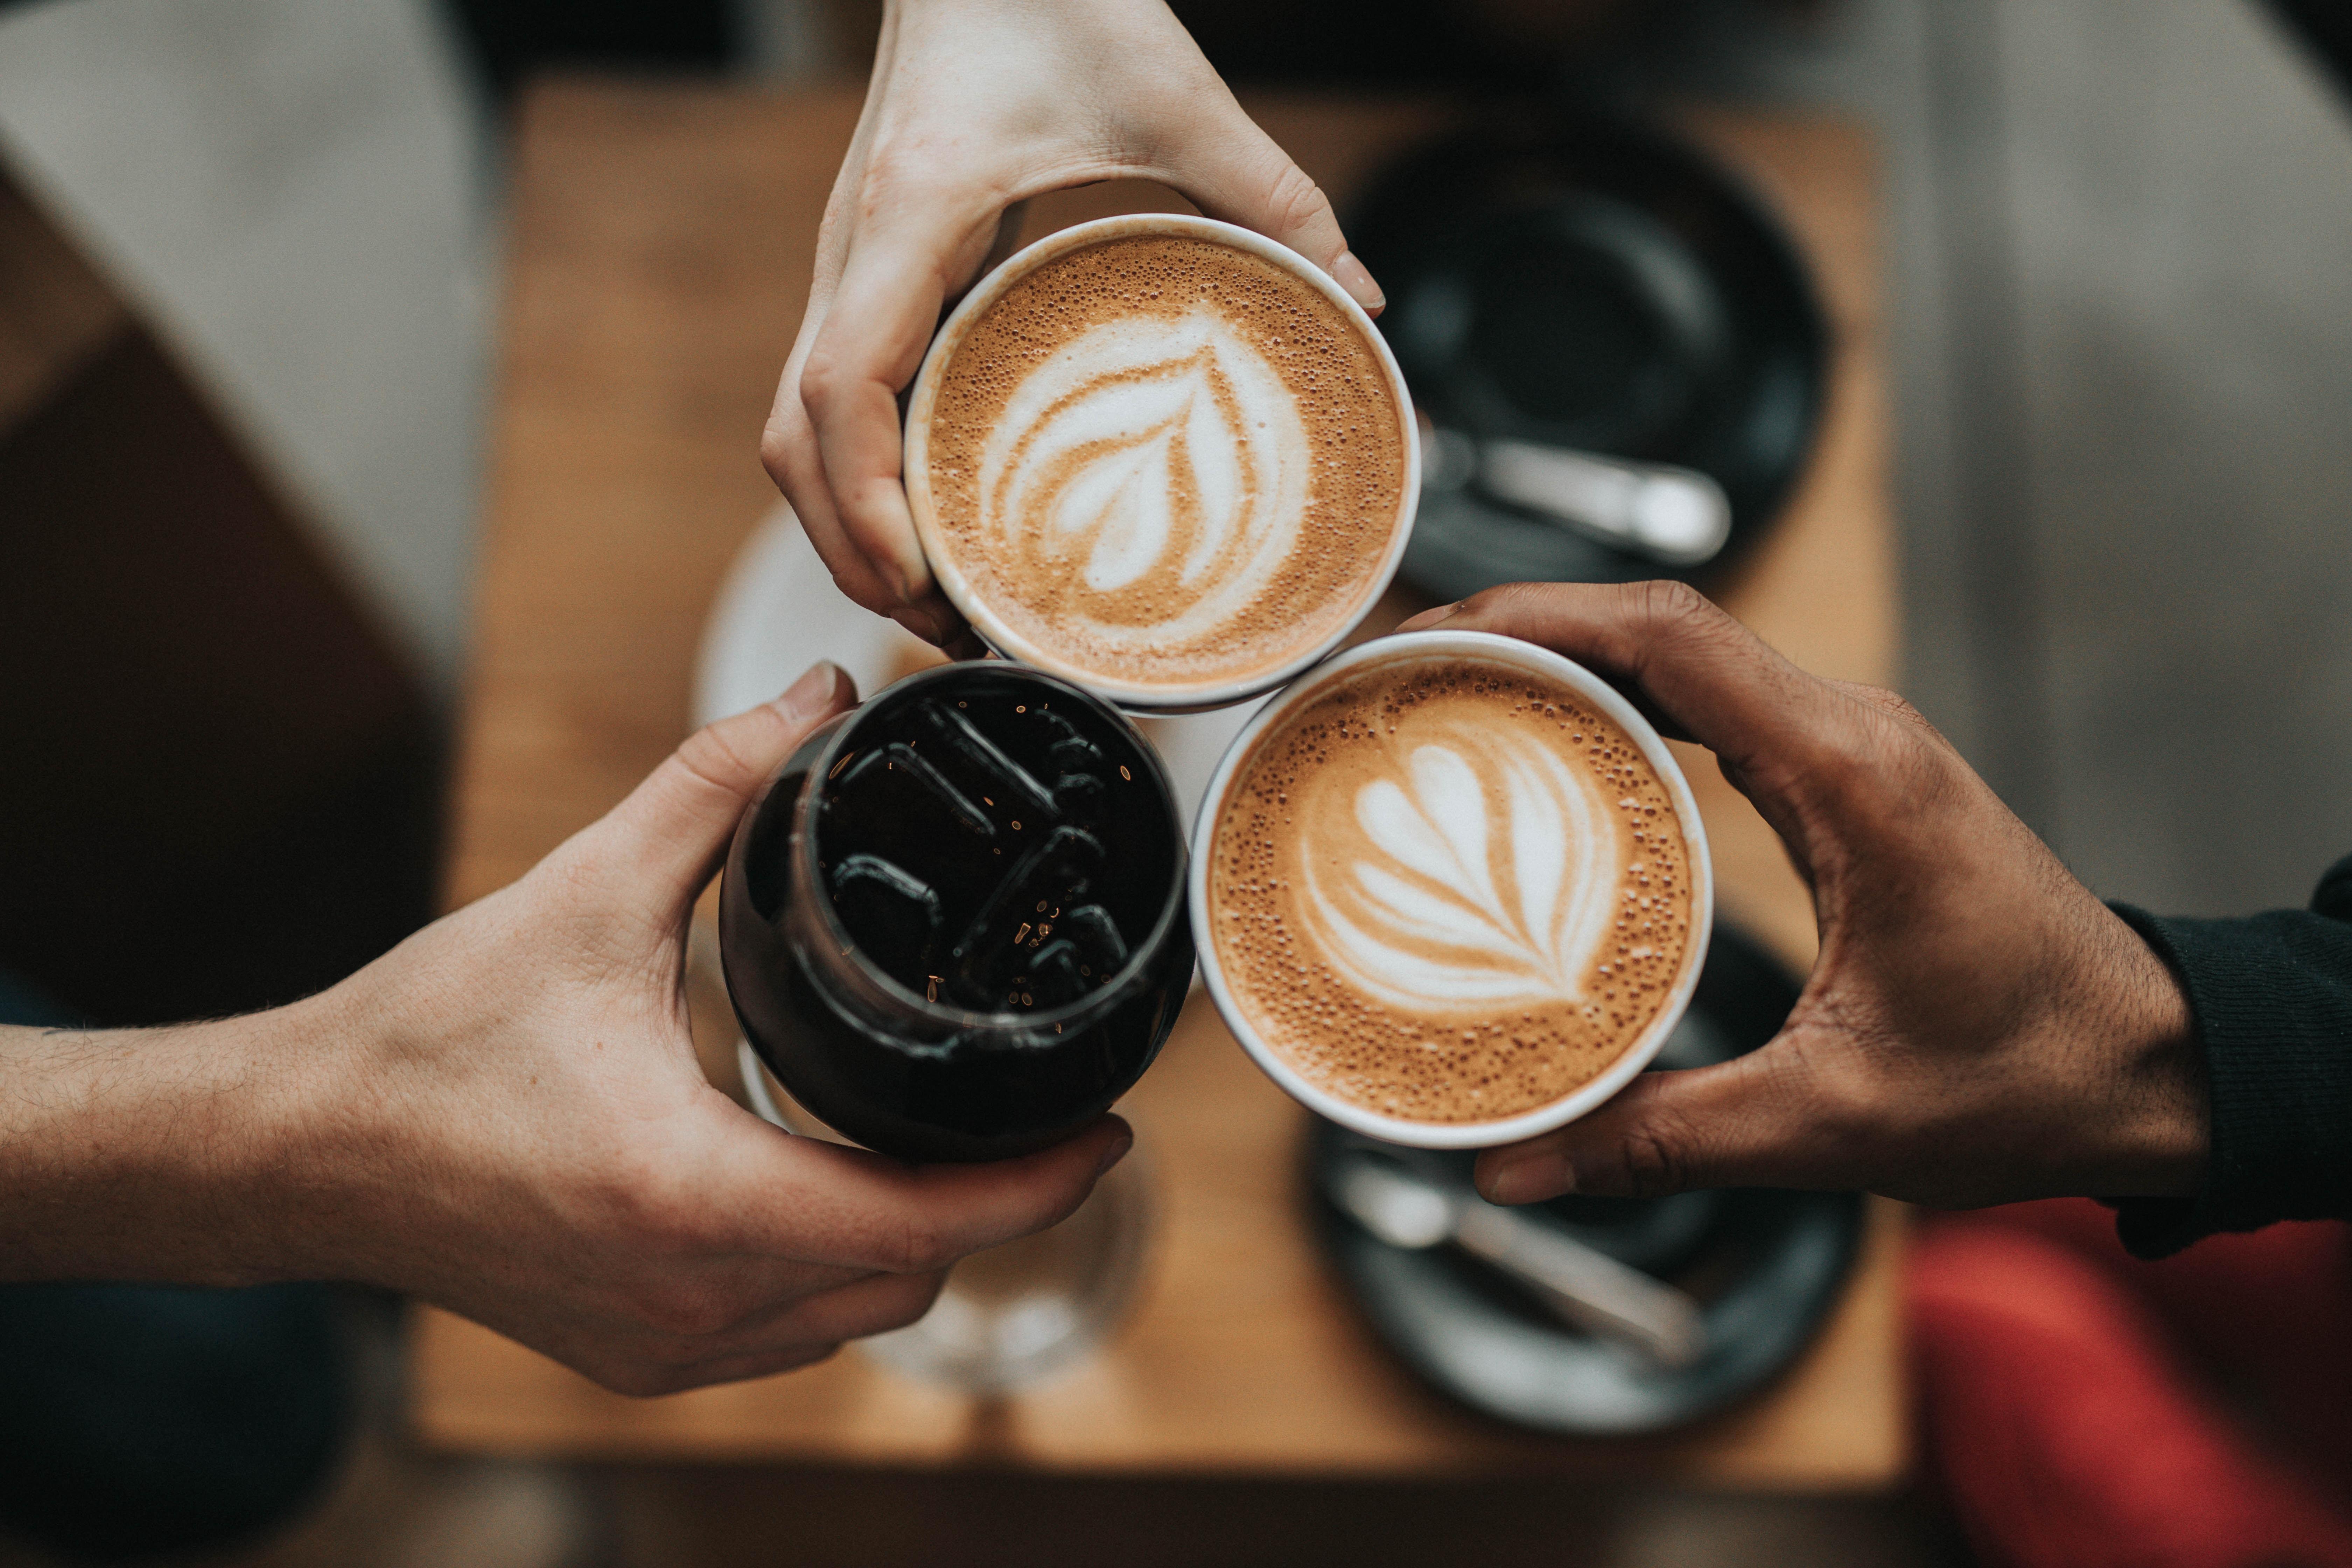 目覚めのコーヒーで体がだるくなる!?